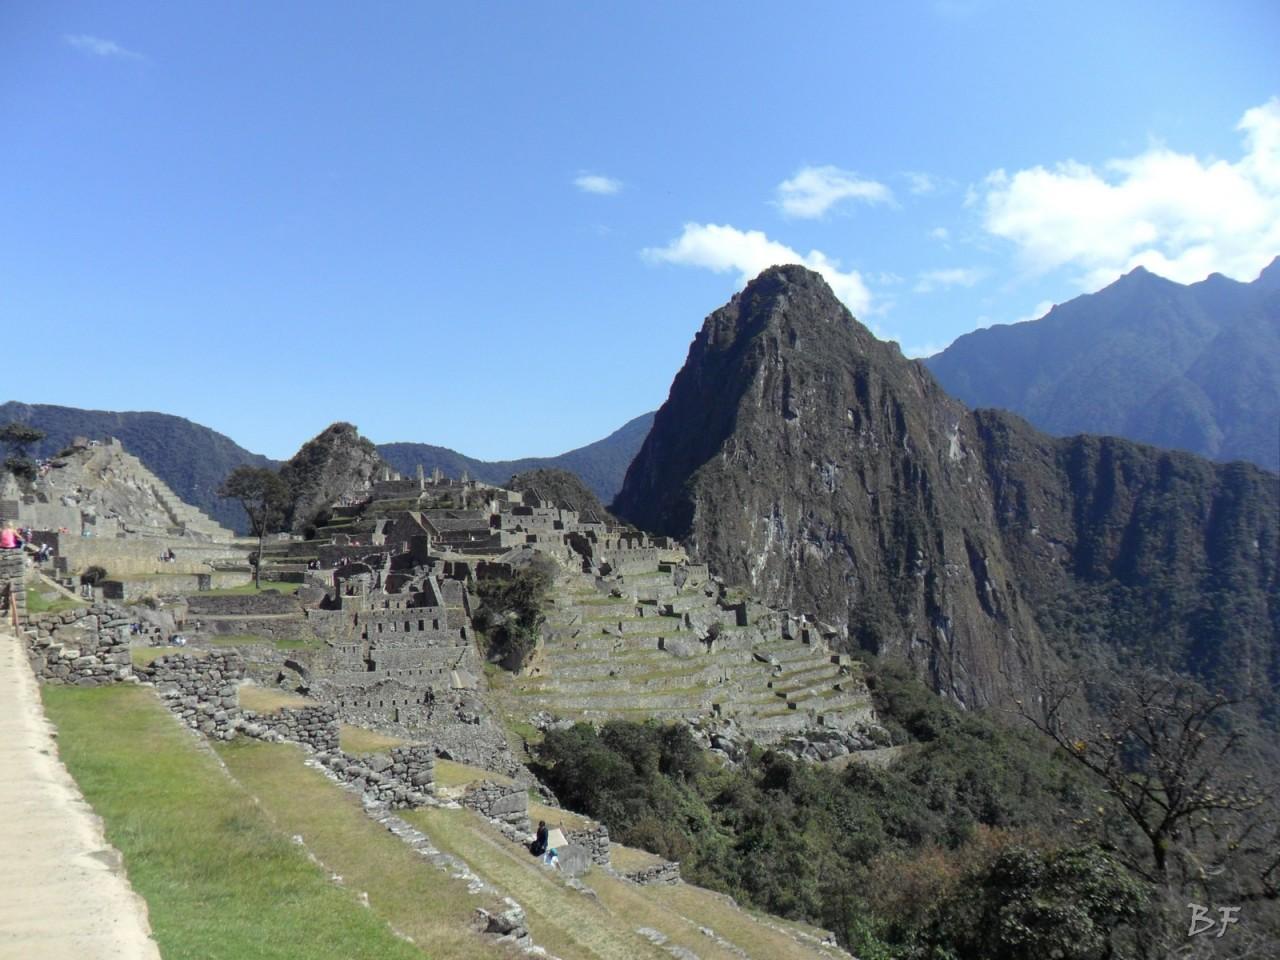 Mura-Poligonali-Incisioni-Altari-Edifici-Rupestri-Megaliti-Machu-Picchu-Aguas-Calientes-Urubamba-Cusco-Perù-5